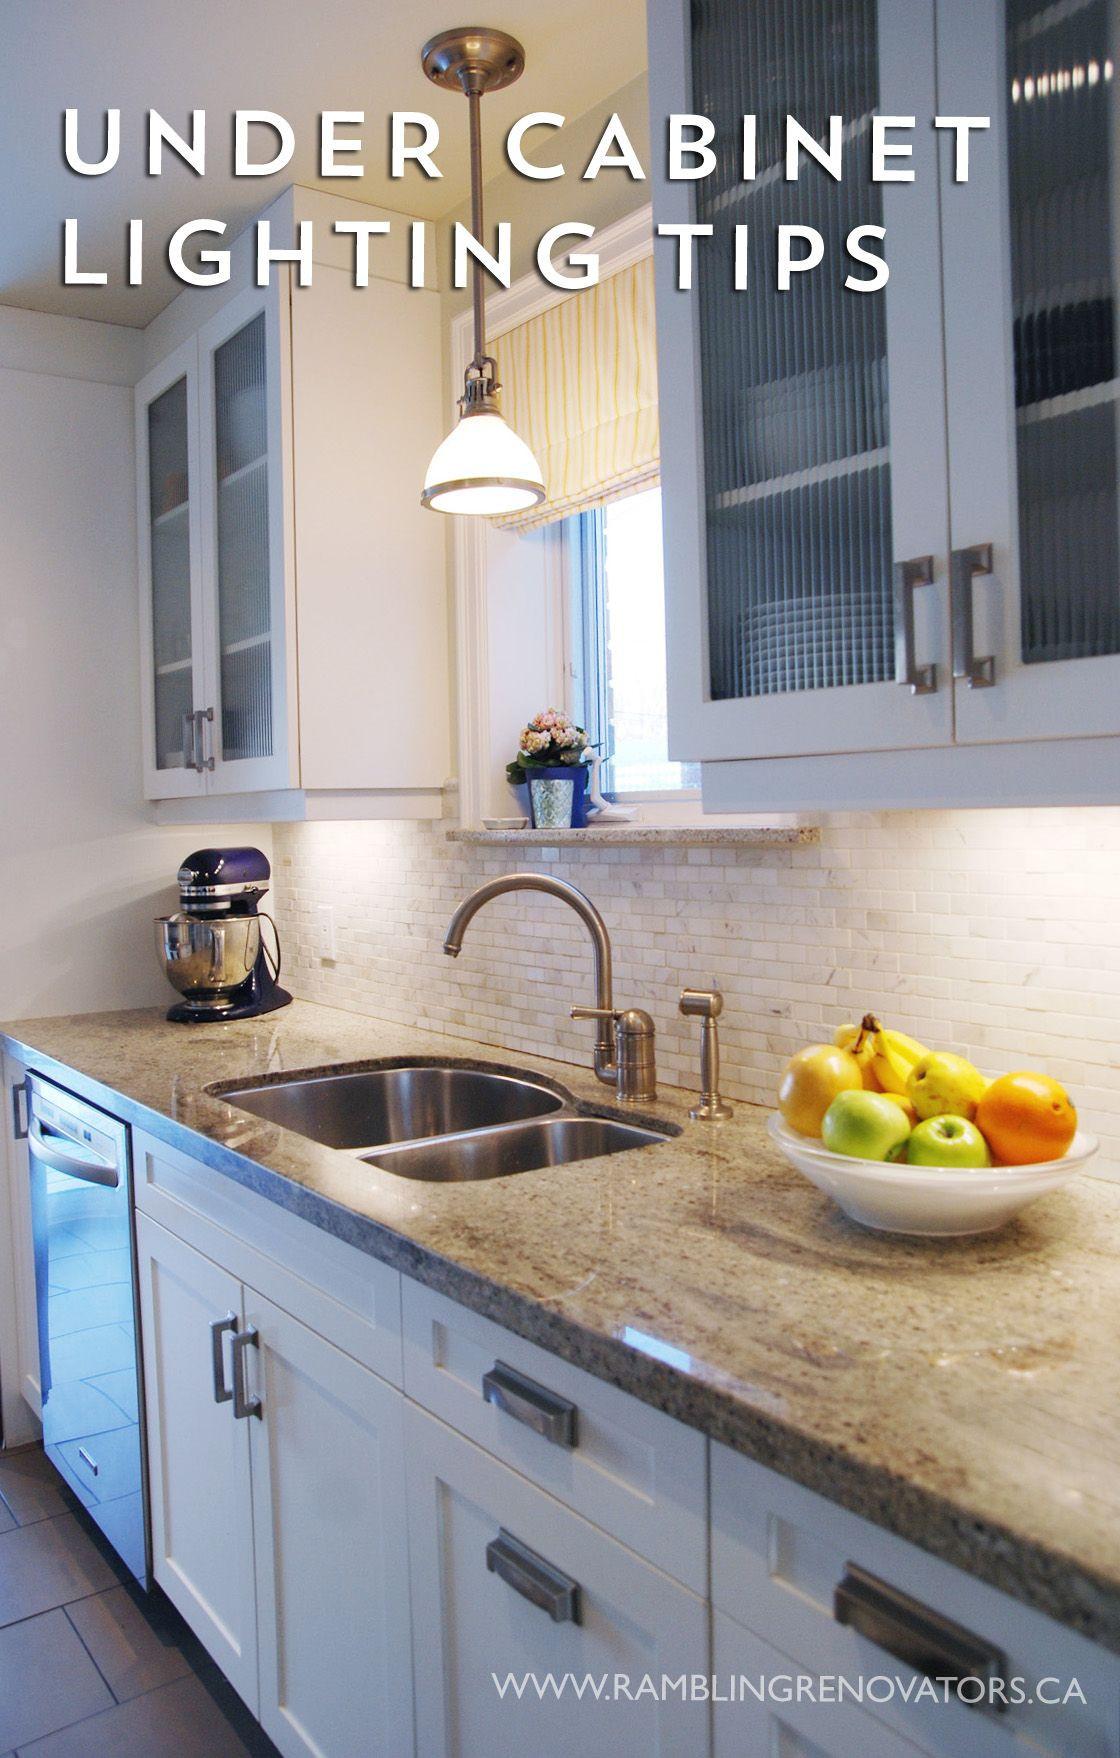 Kitchen Under Cabinet Lighting Options  Under Cabinet Lighting Options